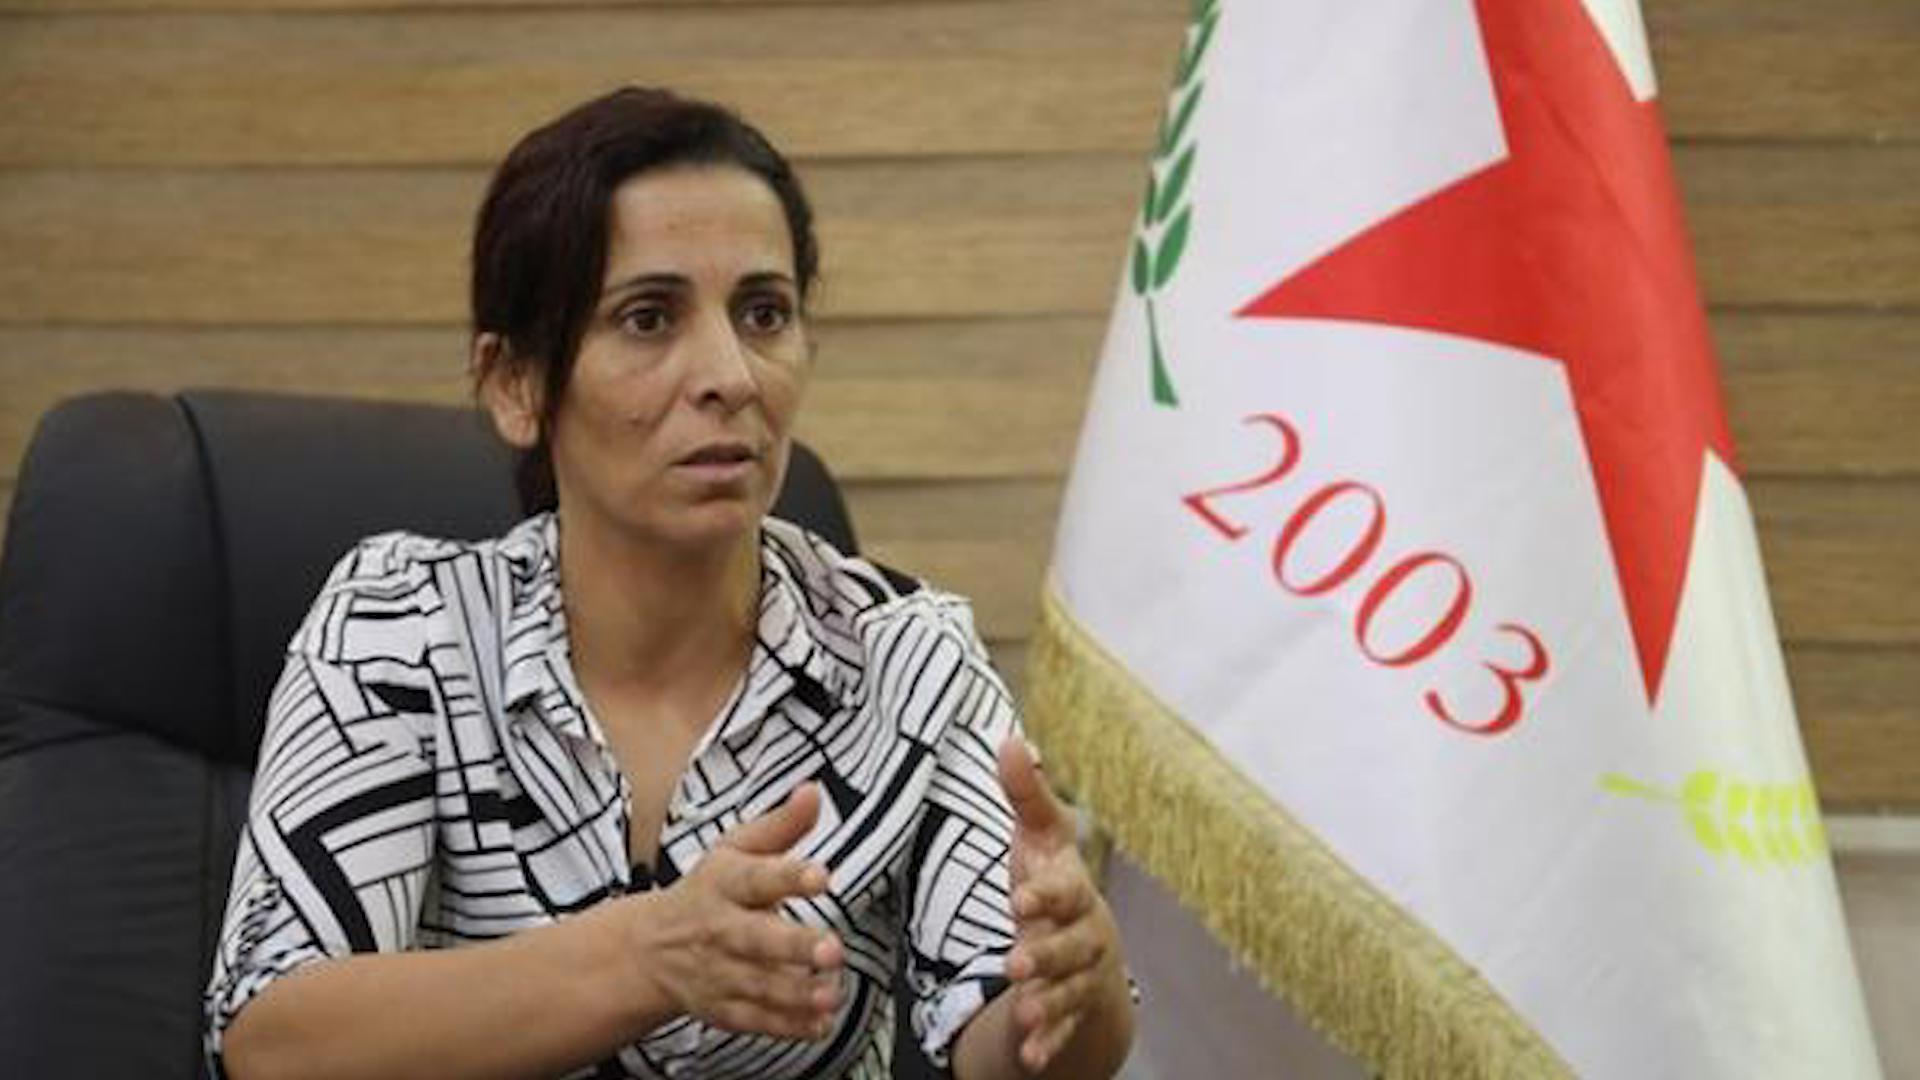 Photo of EYŞA HISO: ALIYÊN TEVLÎ INSIYATÎFÊ NABIN BINKEFTINA YEKÎTIYA KURDÎ ARMANC DIKIN